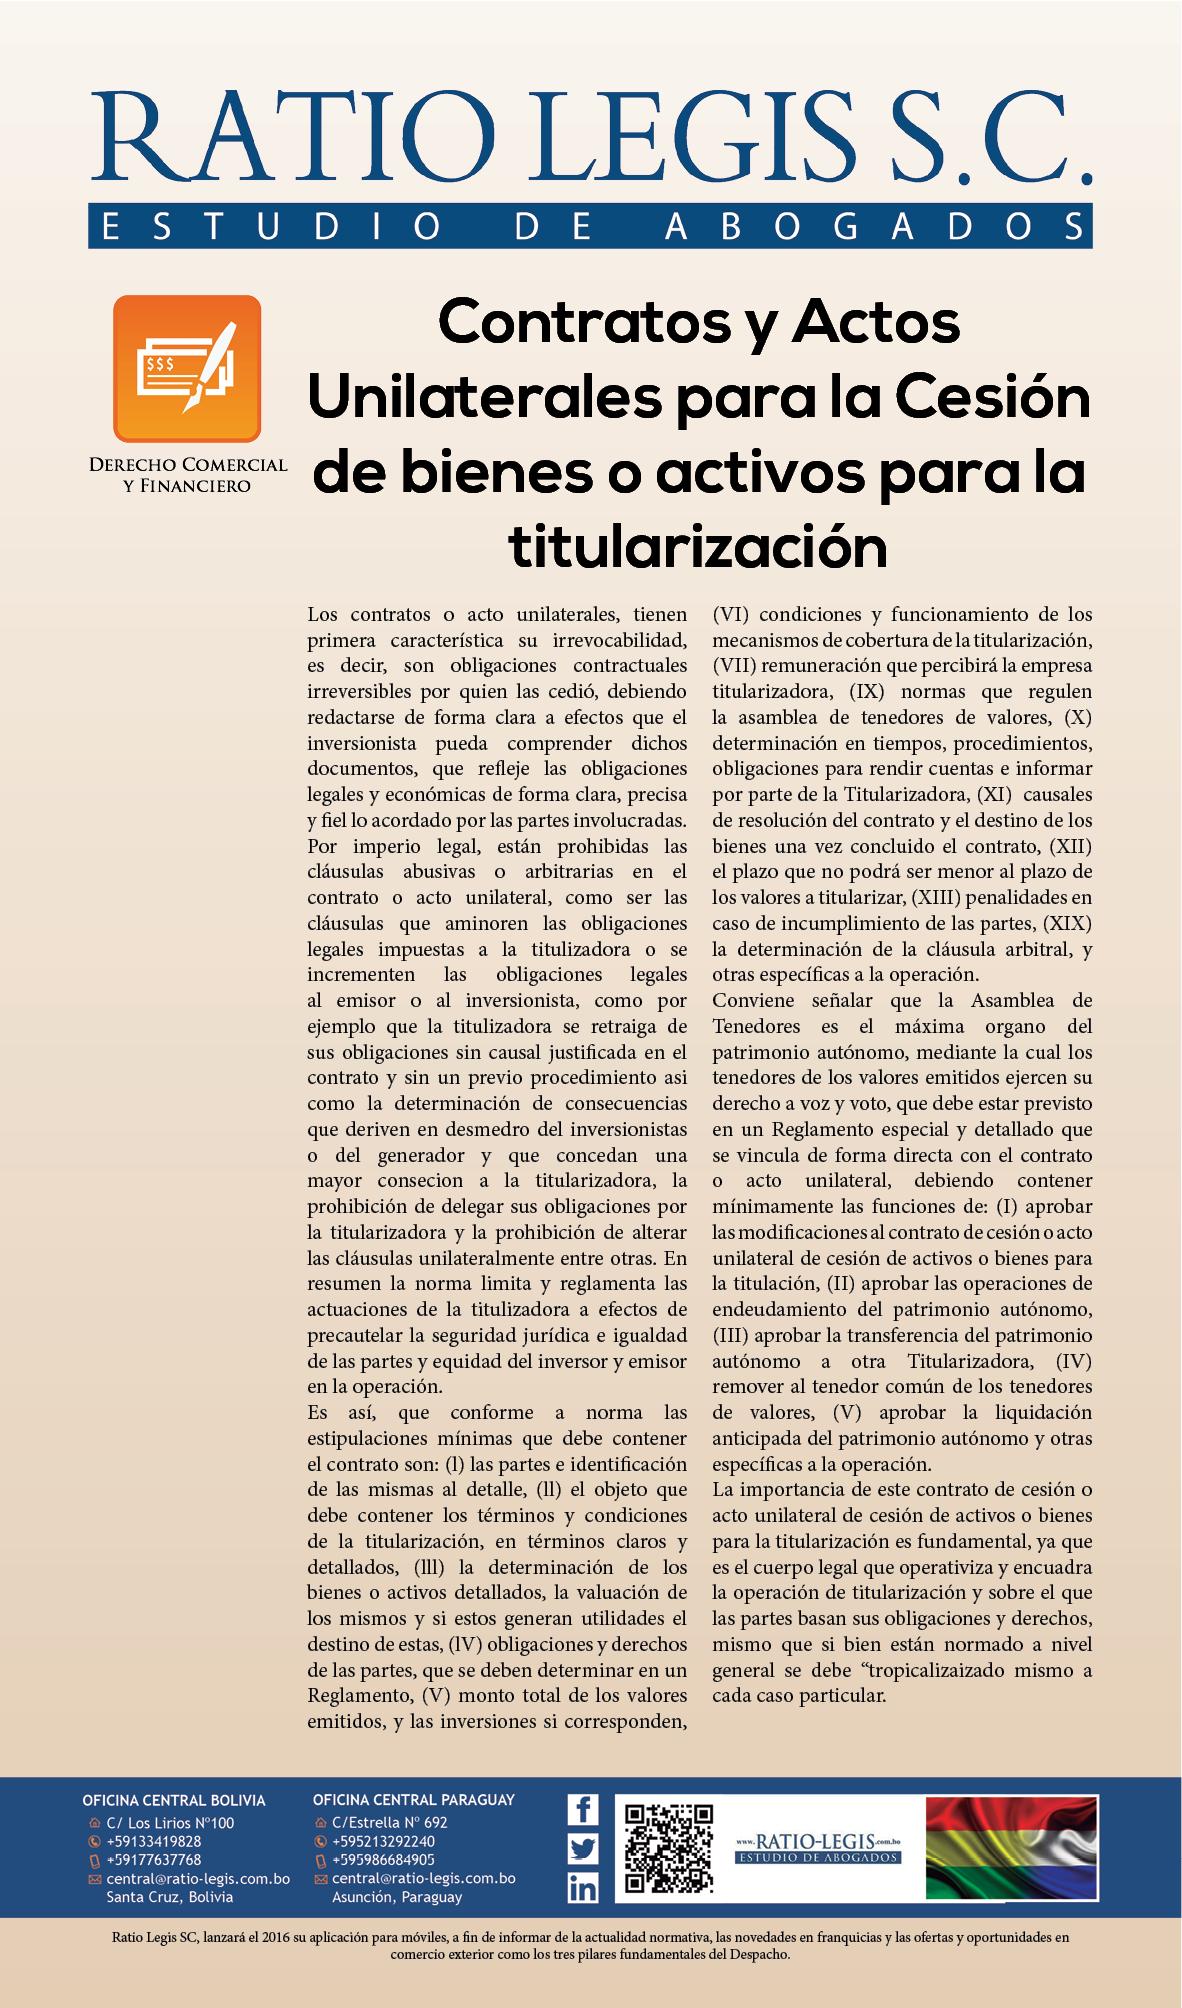 contratos-y-actos-unilaterales-para-la-cesion-de-bienes-o-activos-para-la-titularizacion